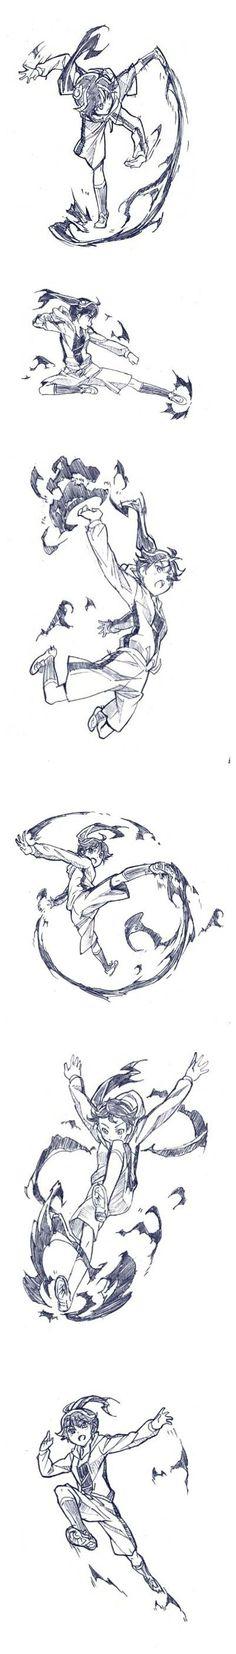 干货分享!动漫人物绘画技巧之格斗动作篇